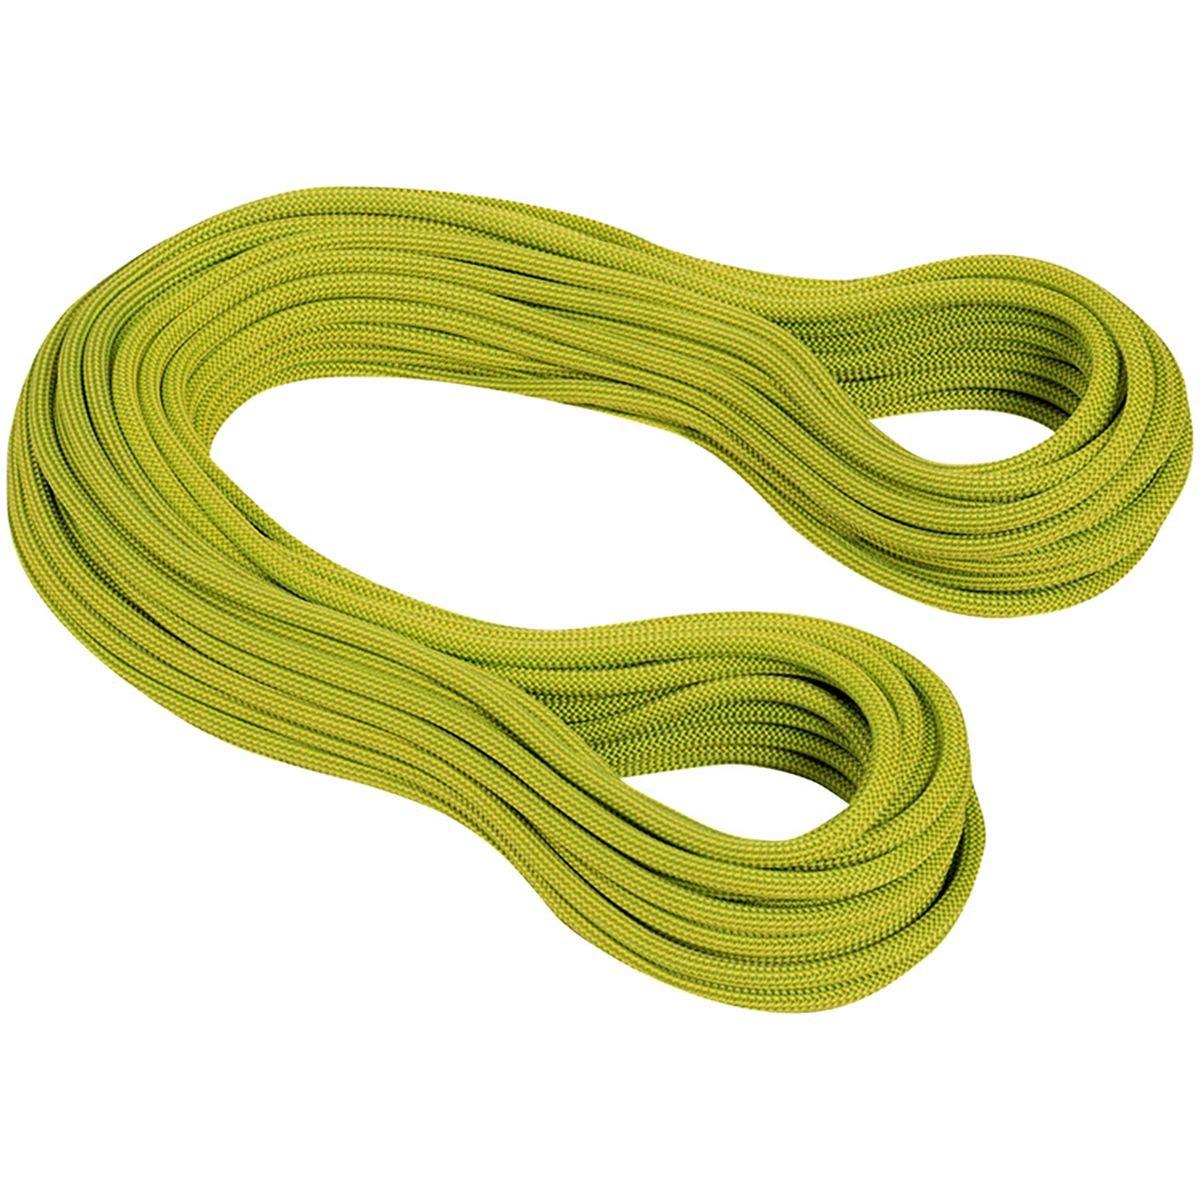 非常に高い品質 ◎17FW マムート(MAMMUT) 9.5 Infinity green Dry 2010-02641 11136 pappel/lime pappel-limegreen クライミング用品 80|Dry B01MU2BG0J Dry pappel/lime green Lg 80 Lg 80|Dry pappel/lime green, フジマルツ醤油:75c0ff5a --- a0267596.xsph.ru